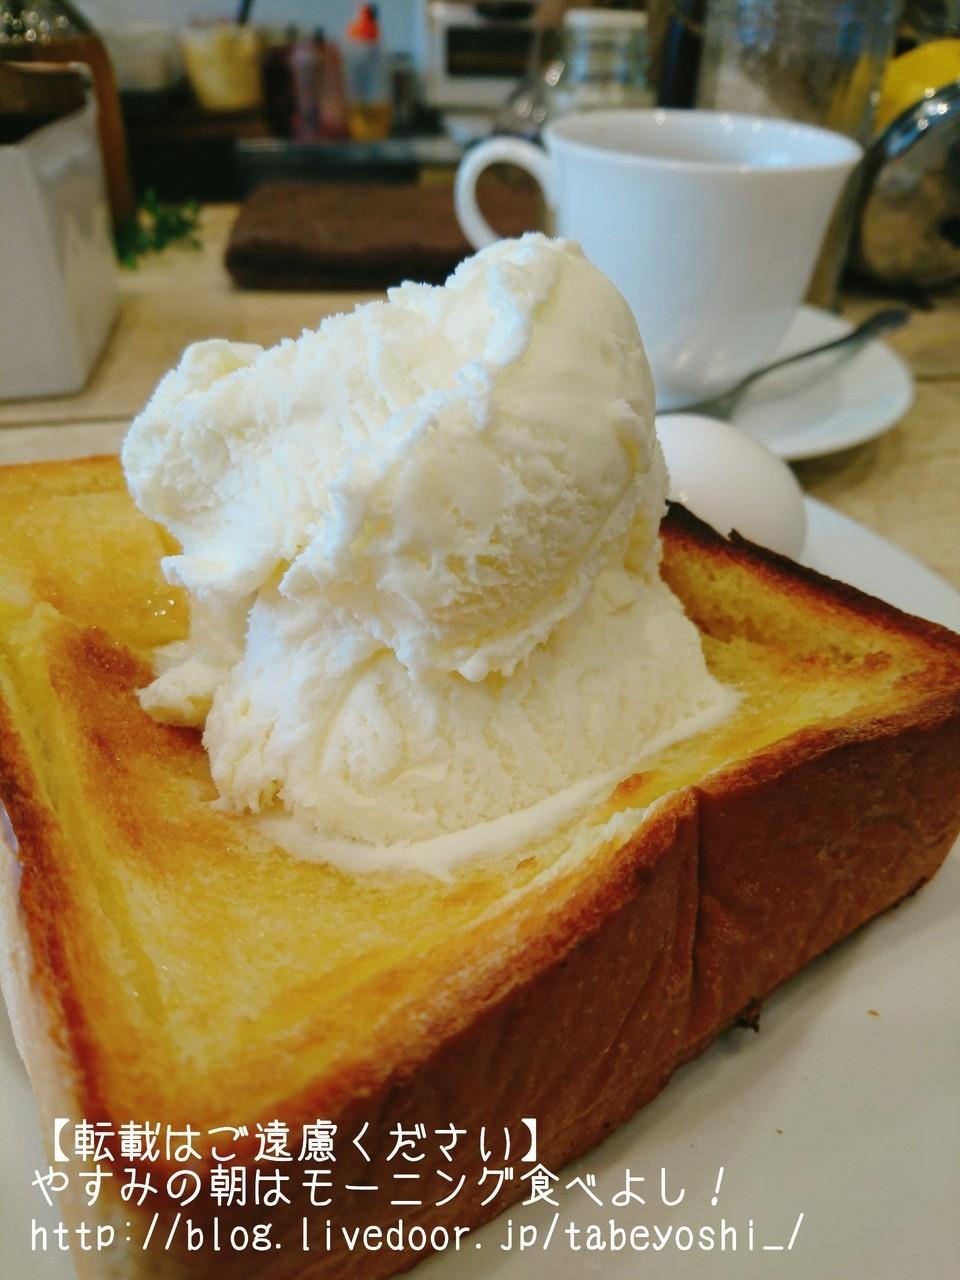 蜂蜜吐司加冰淇淋! 在北加賀屋『cafe du Ensemble』享受超滿足的早餐